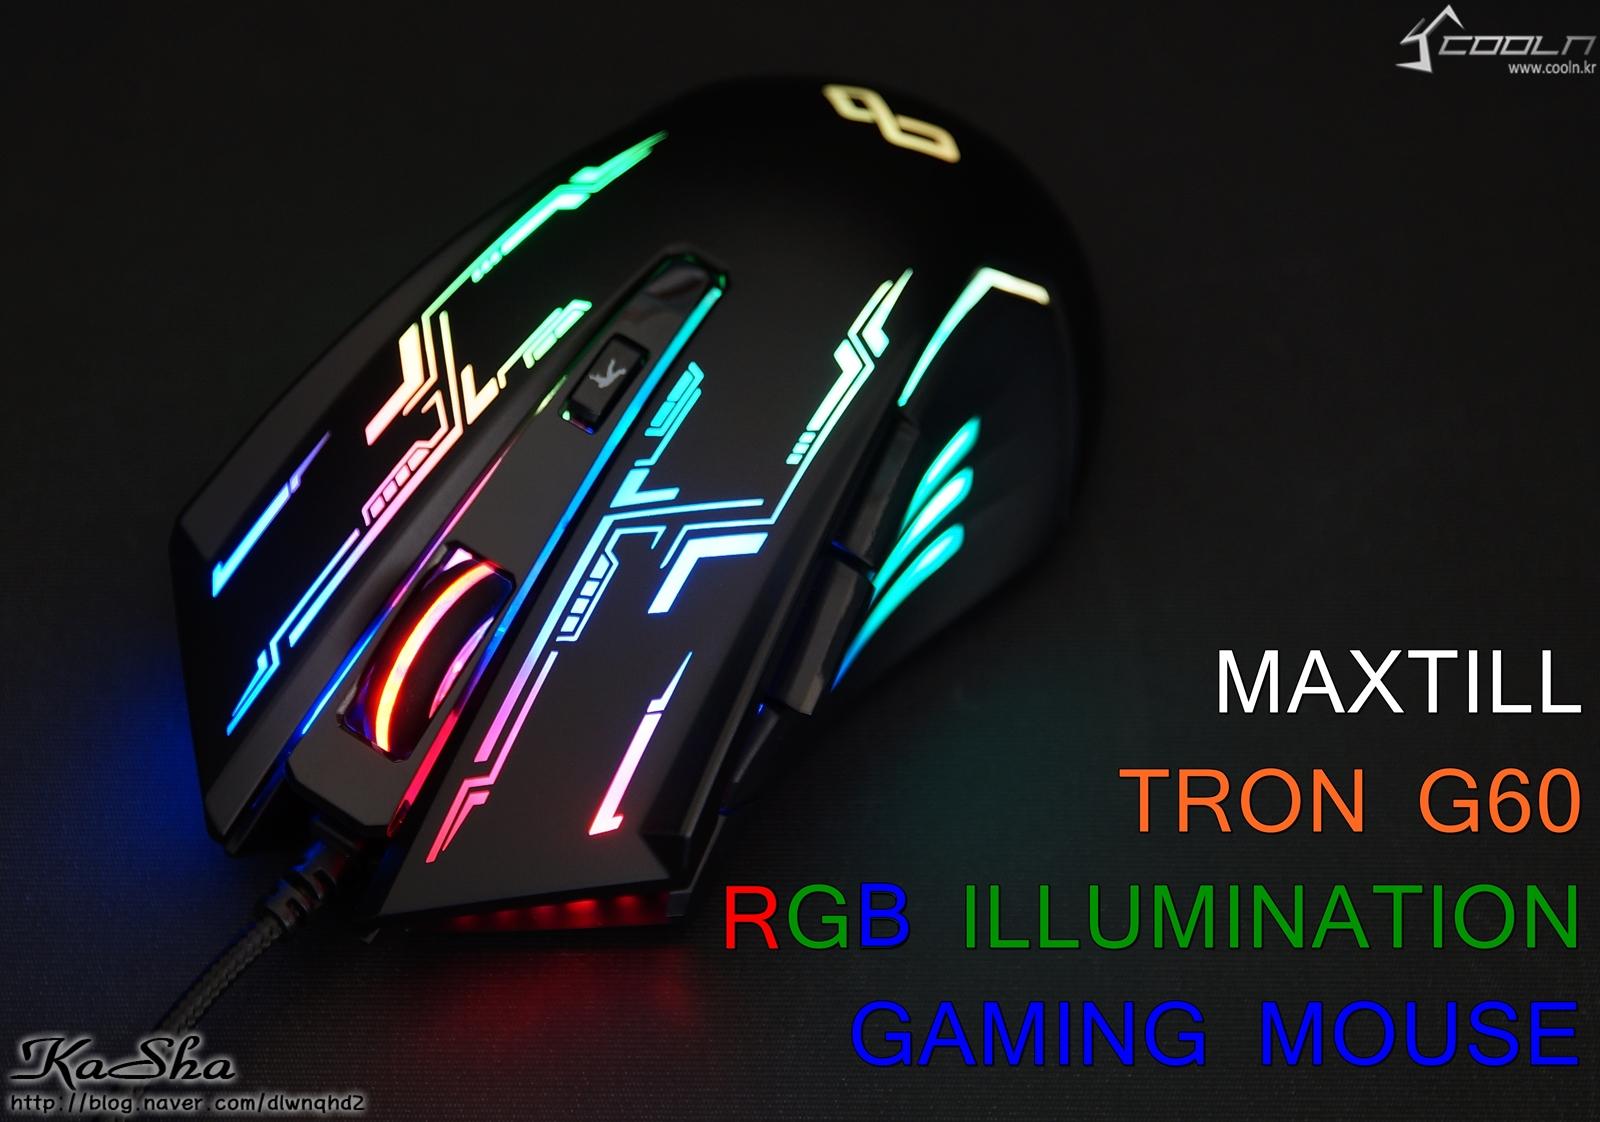 MAXTILL TRON G60 RGB ILLUMINATION ...